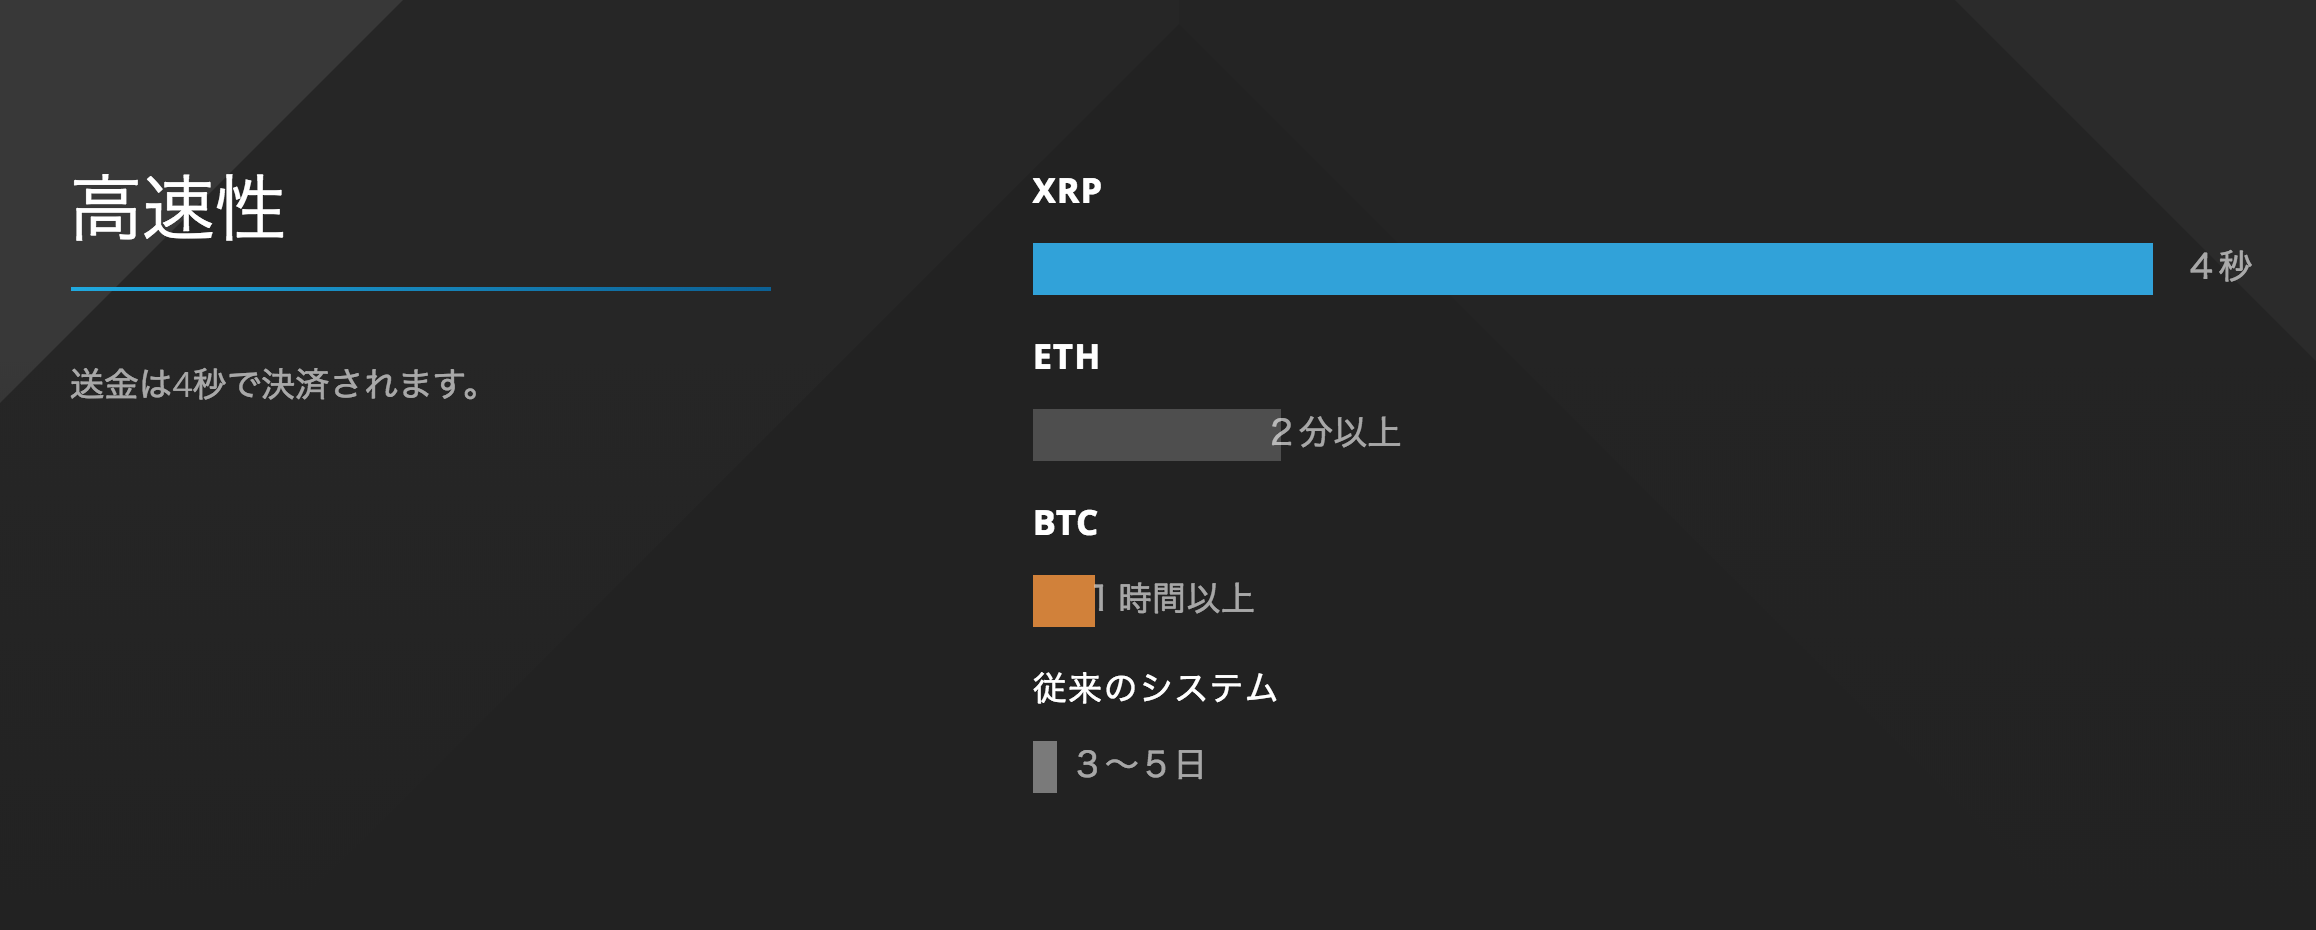 xrp スピード